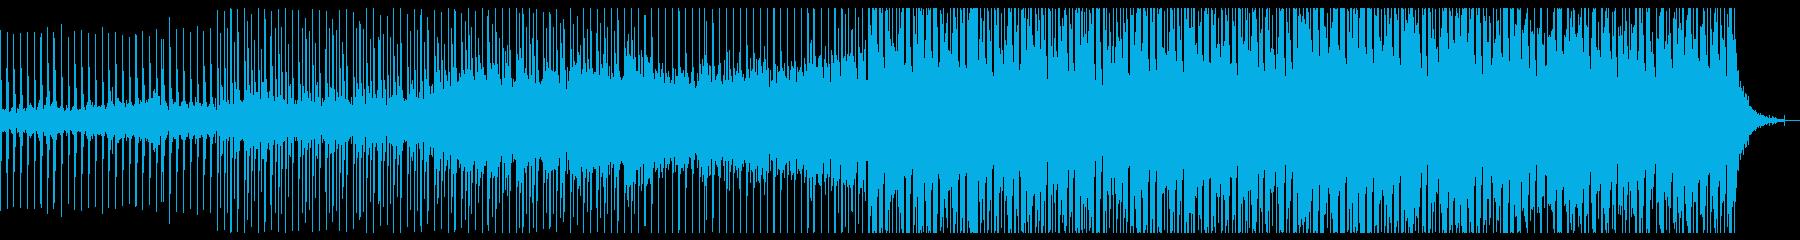 サイバーファンタジーな4つ打ちテクノの再生済みの波形